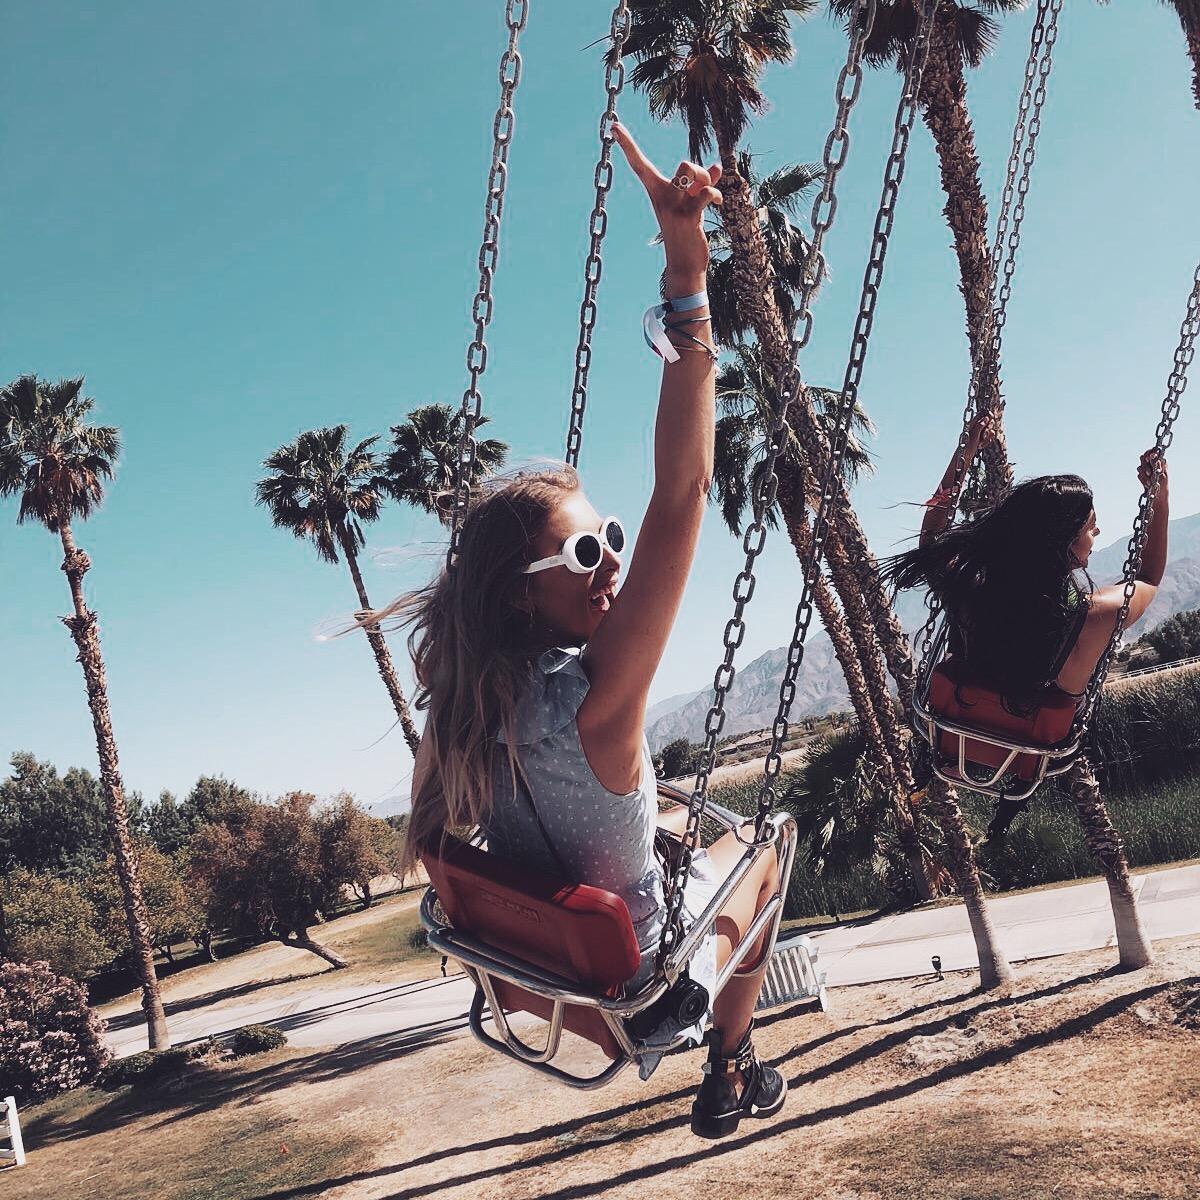 Revolve Festival - Funfair Swings